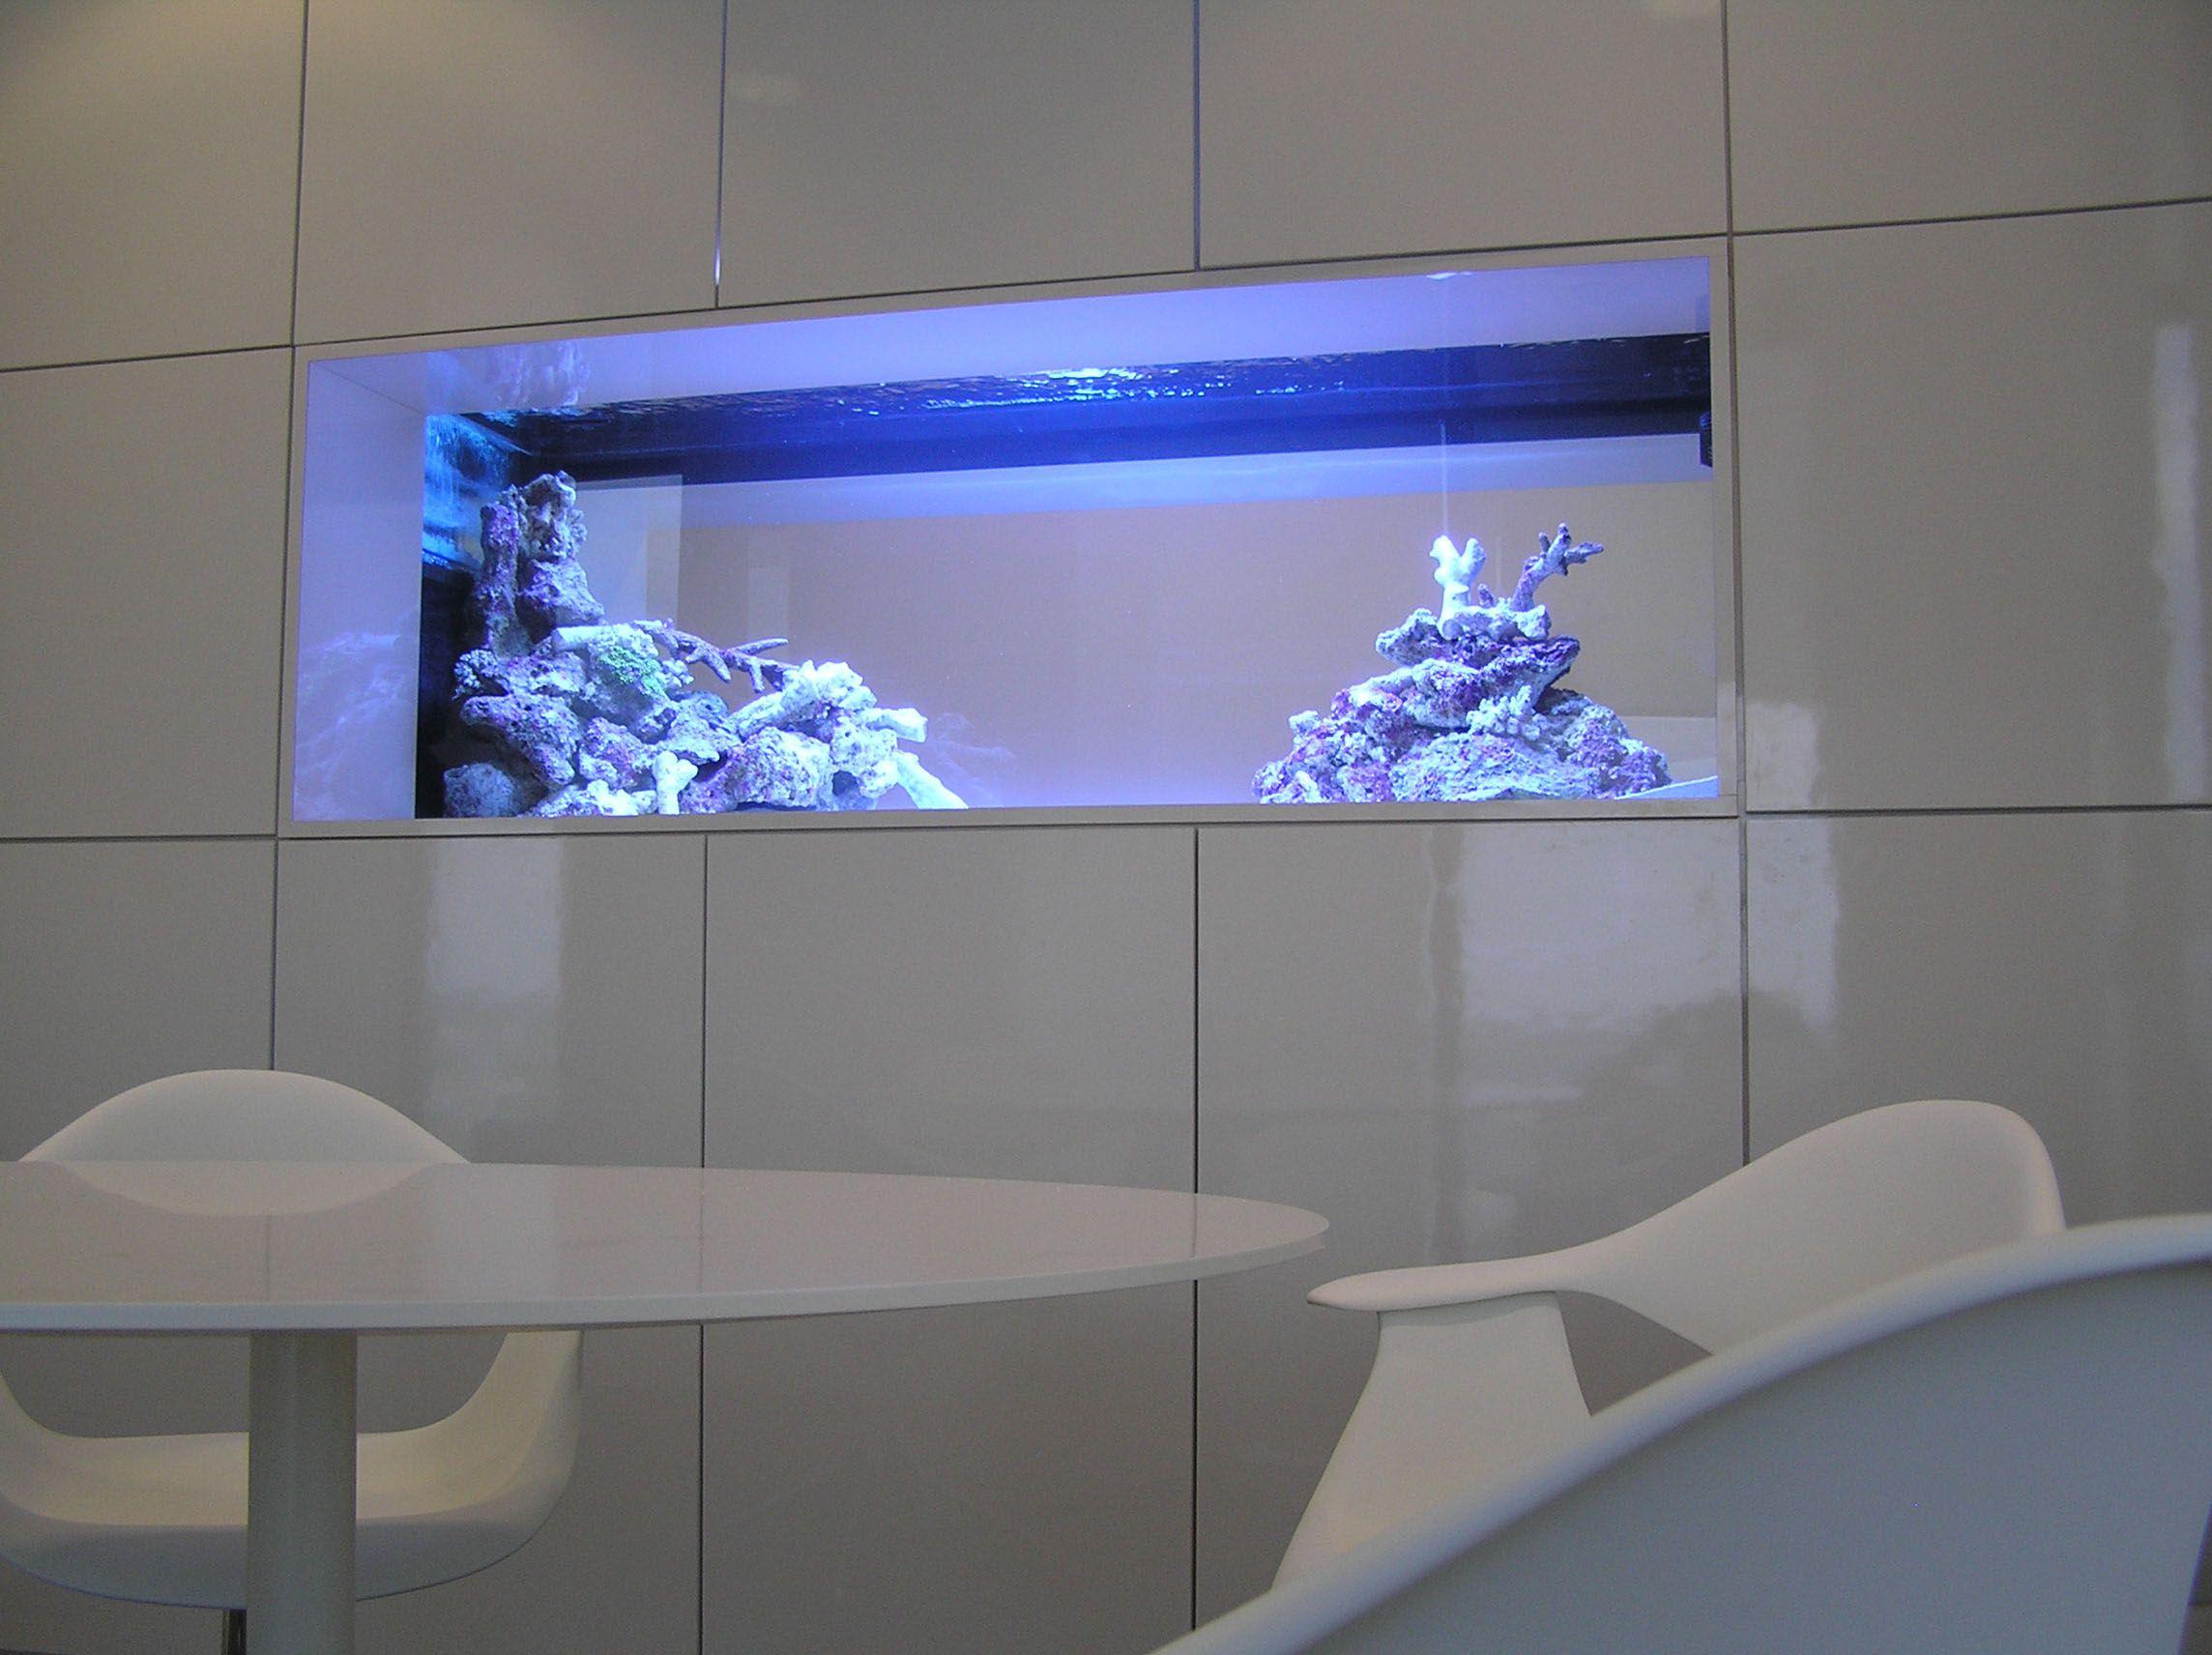 Attractive Aquarium Interior Design Idea